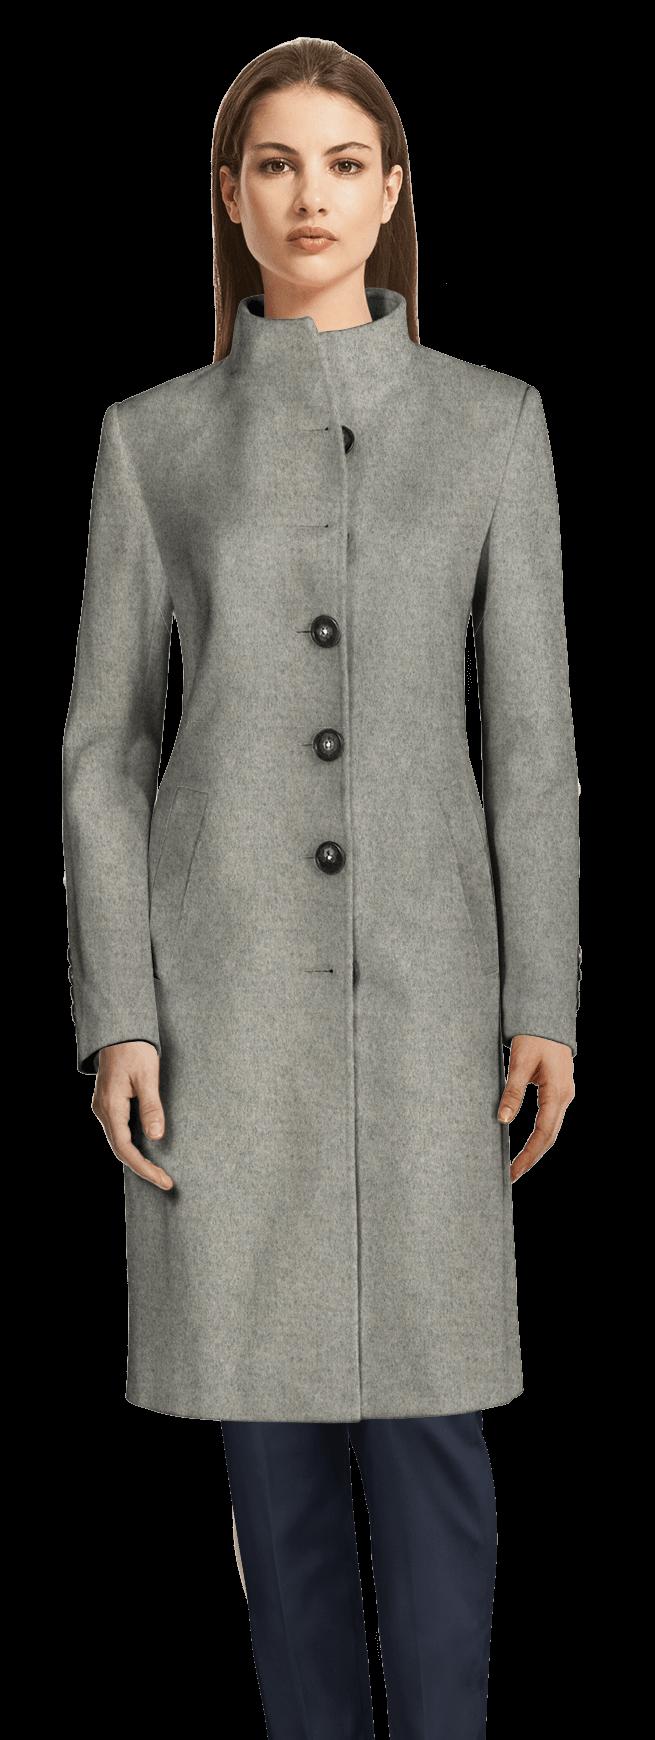 Cappotto collo alto lungo grigio